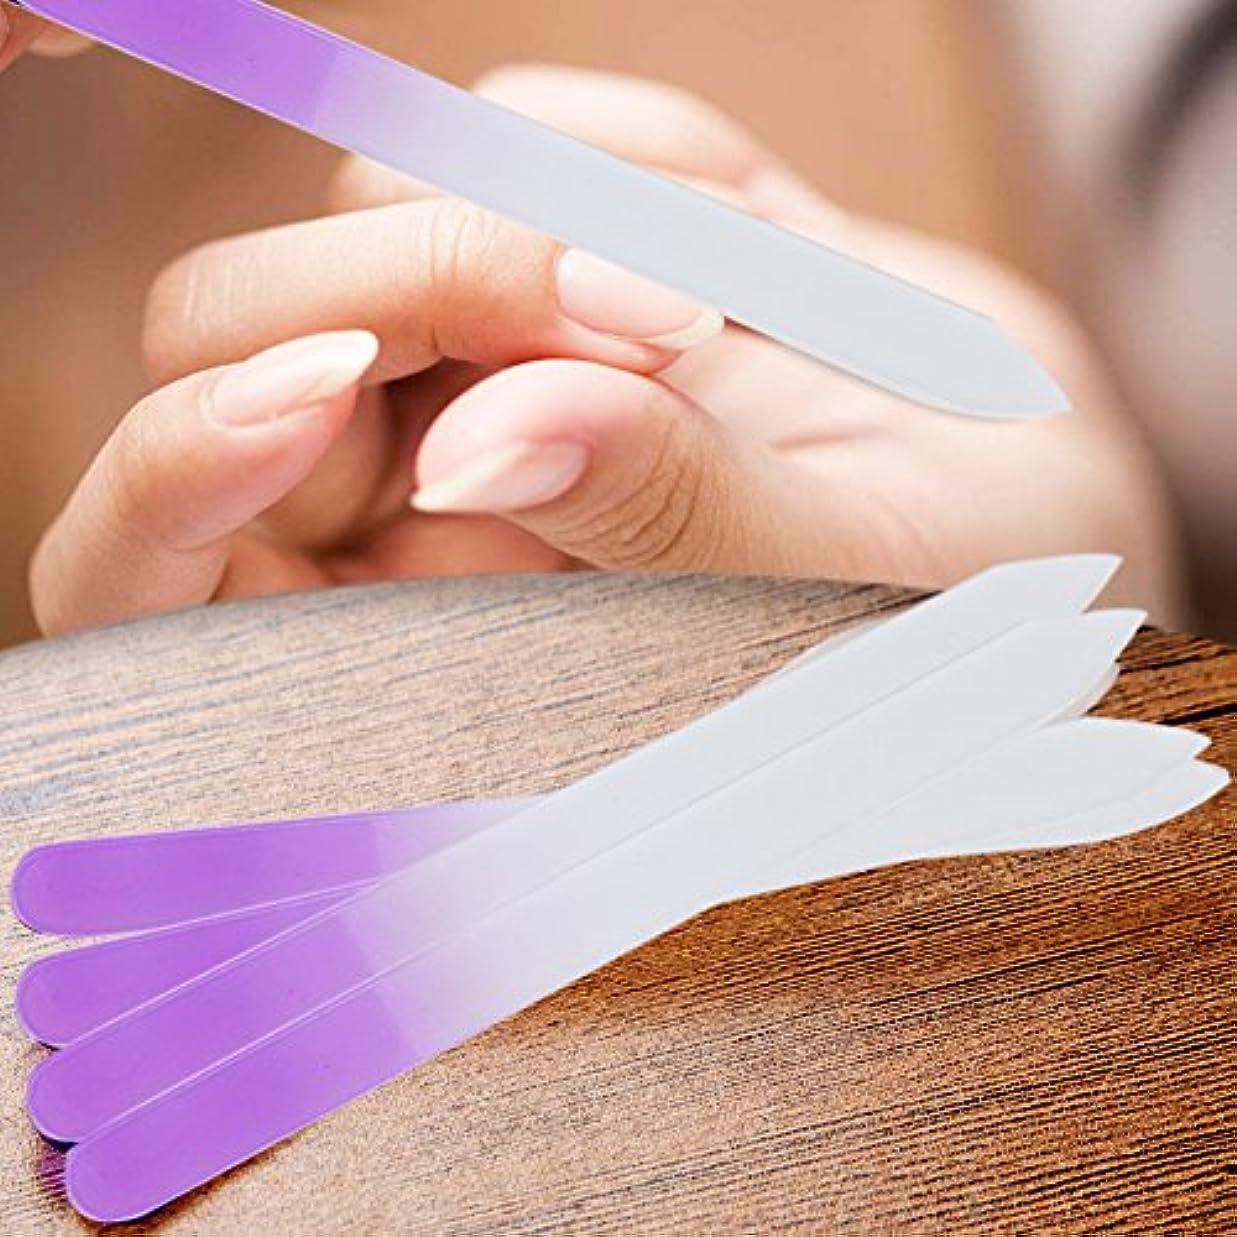 読書をするディスパッチ記念碑Demiawaking 爪ヤスリ ガラスネイルファイル 両面 爪やすり 爪磨き ネイルケア マニキュアファイル 4個組